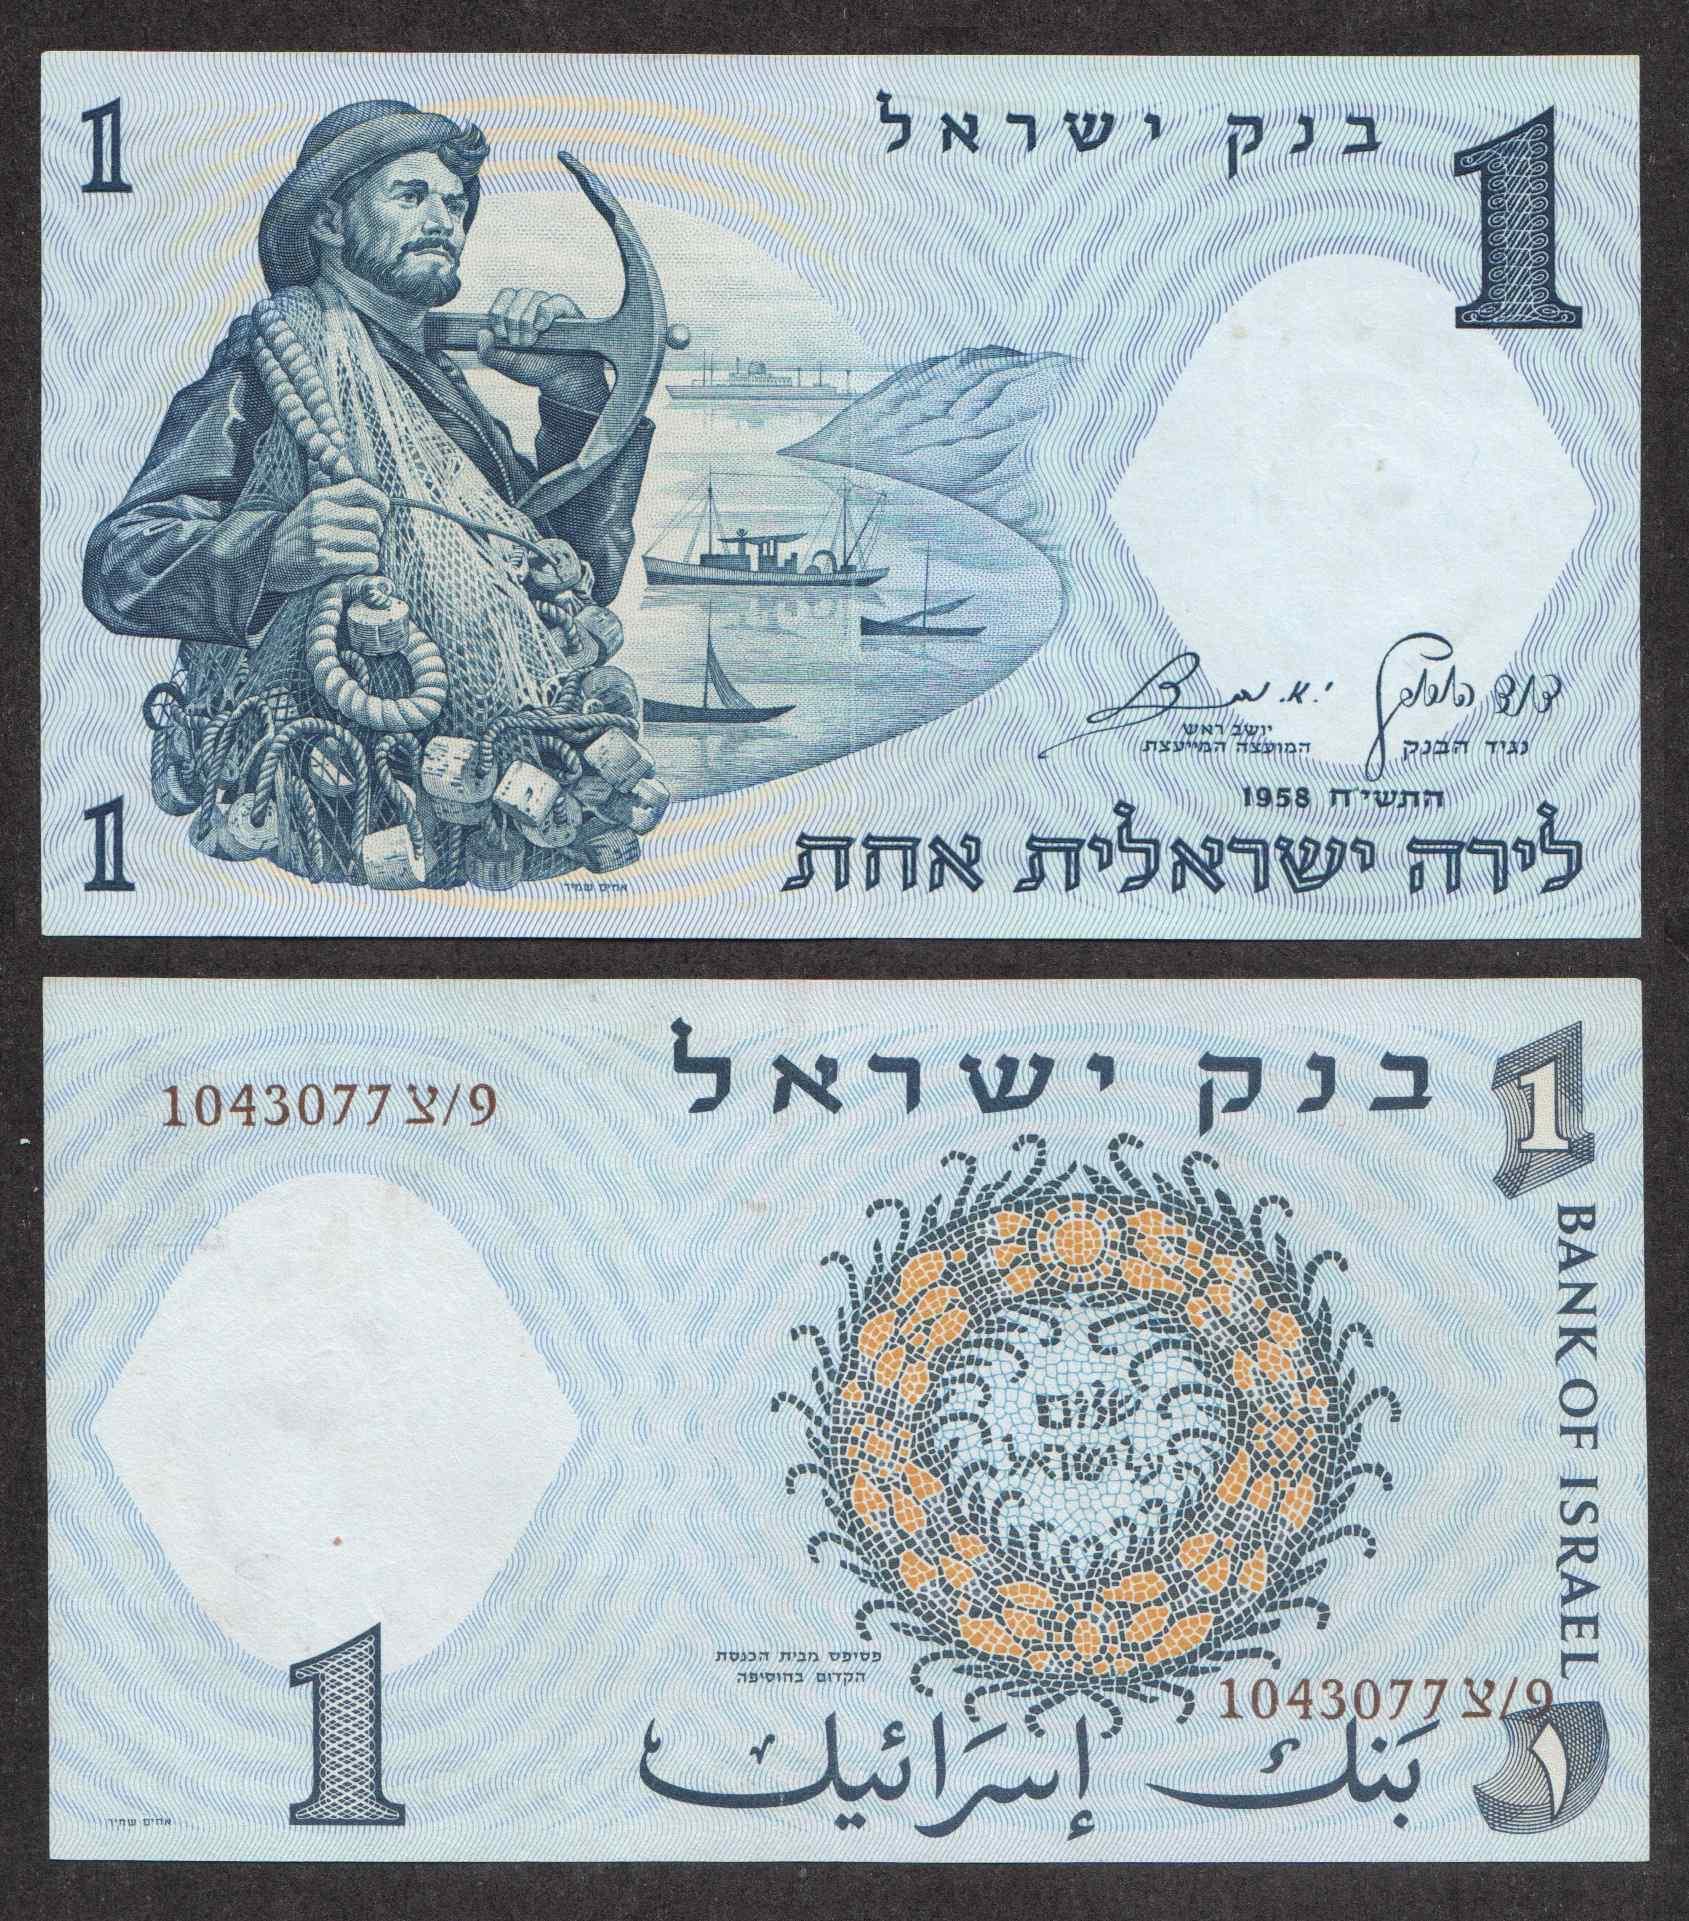 Банкноты израиля в обращении: новый шекель и агороты